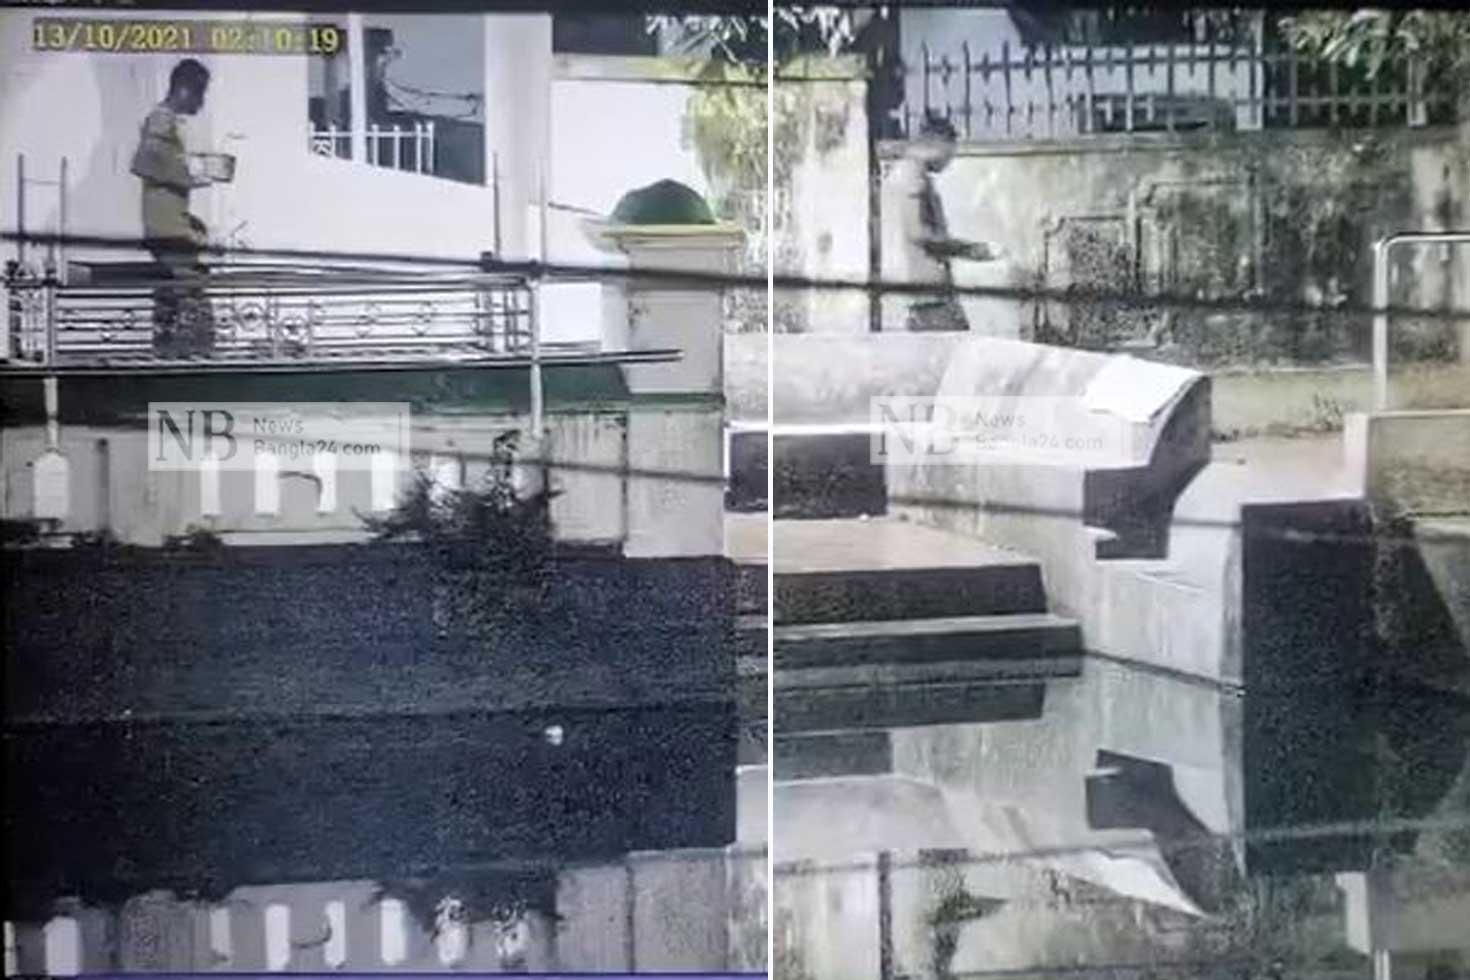 পাশের মসজিদ থেকে কোরআন এনে মণ্ডপে রাখেন ইকবাল